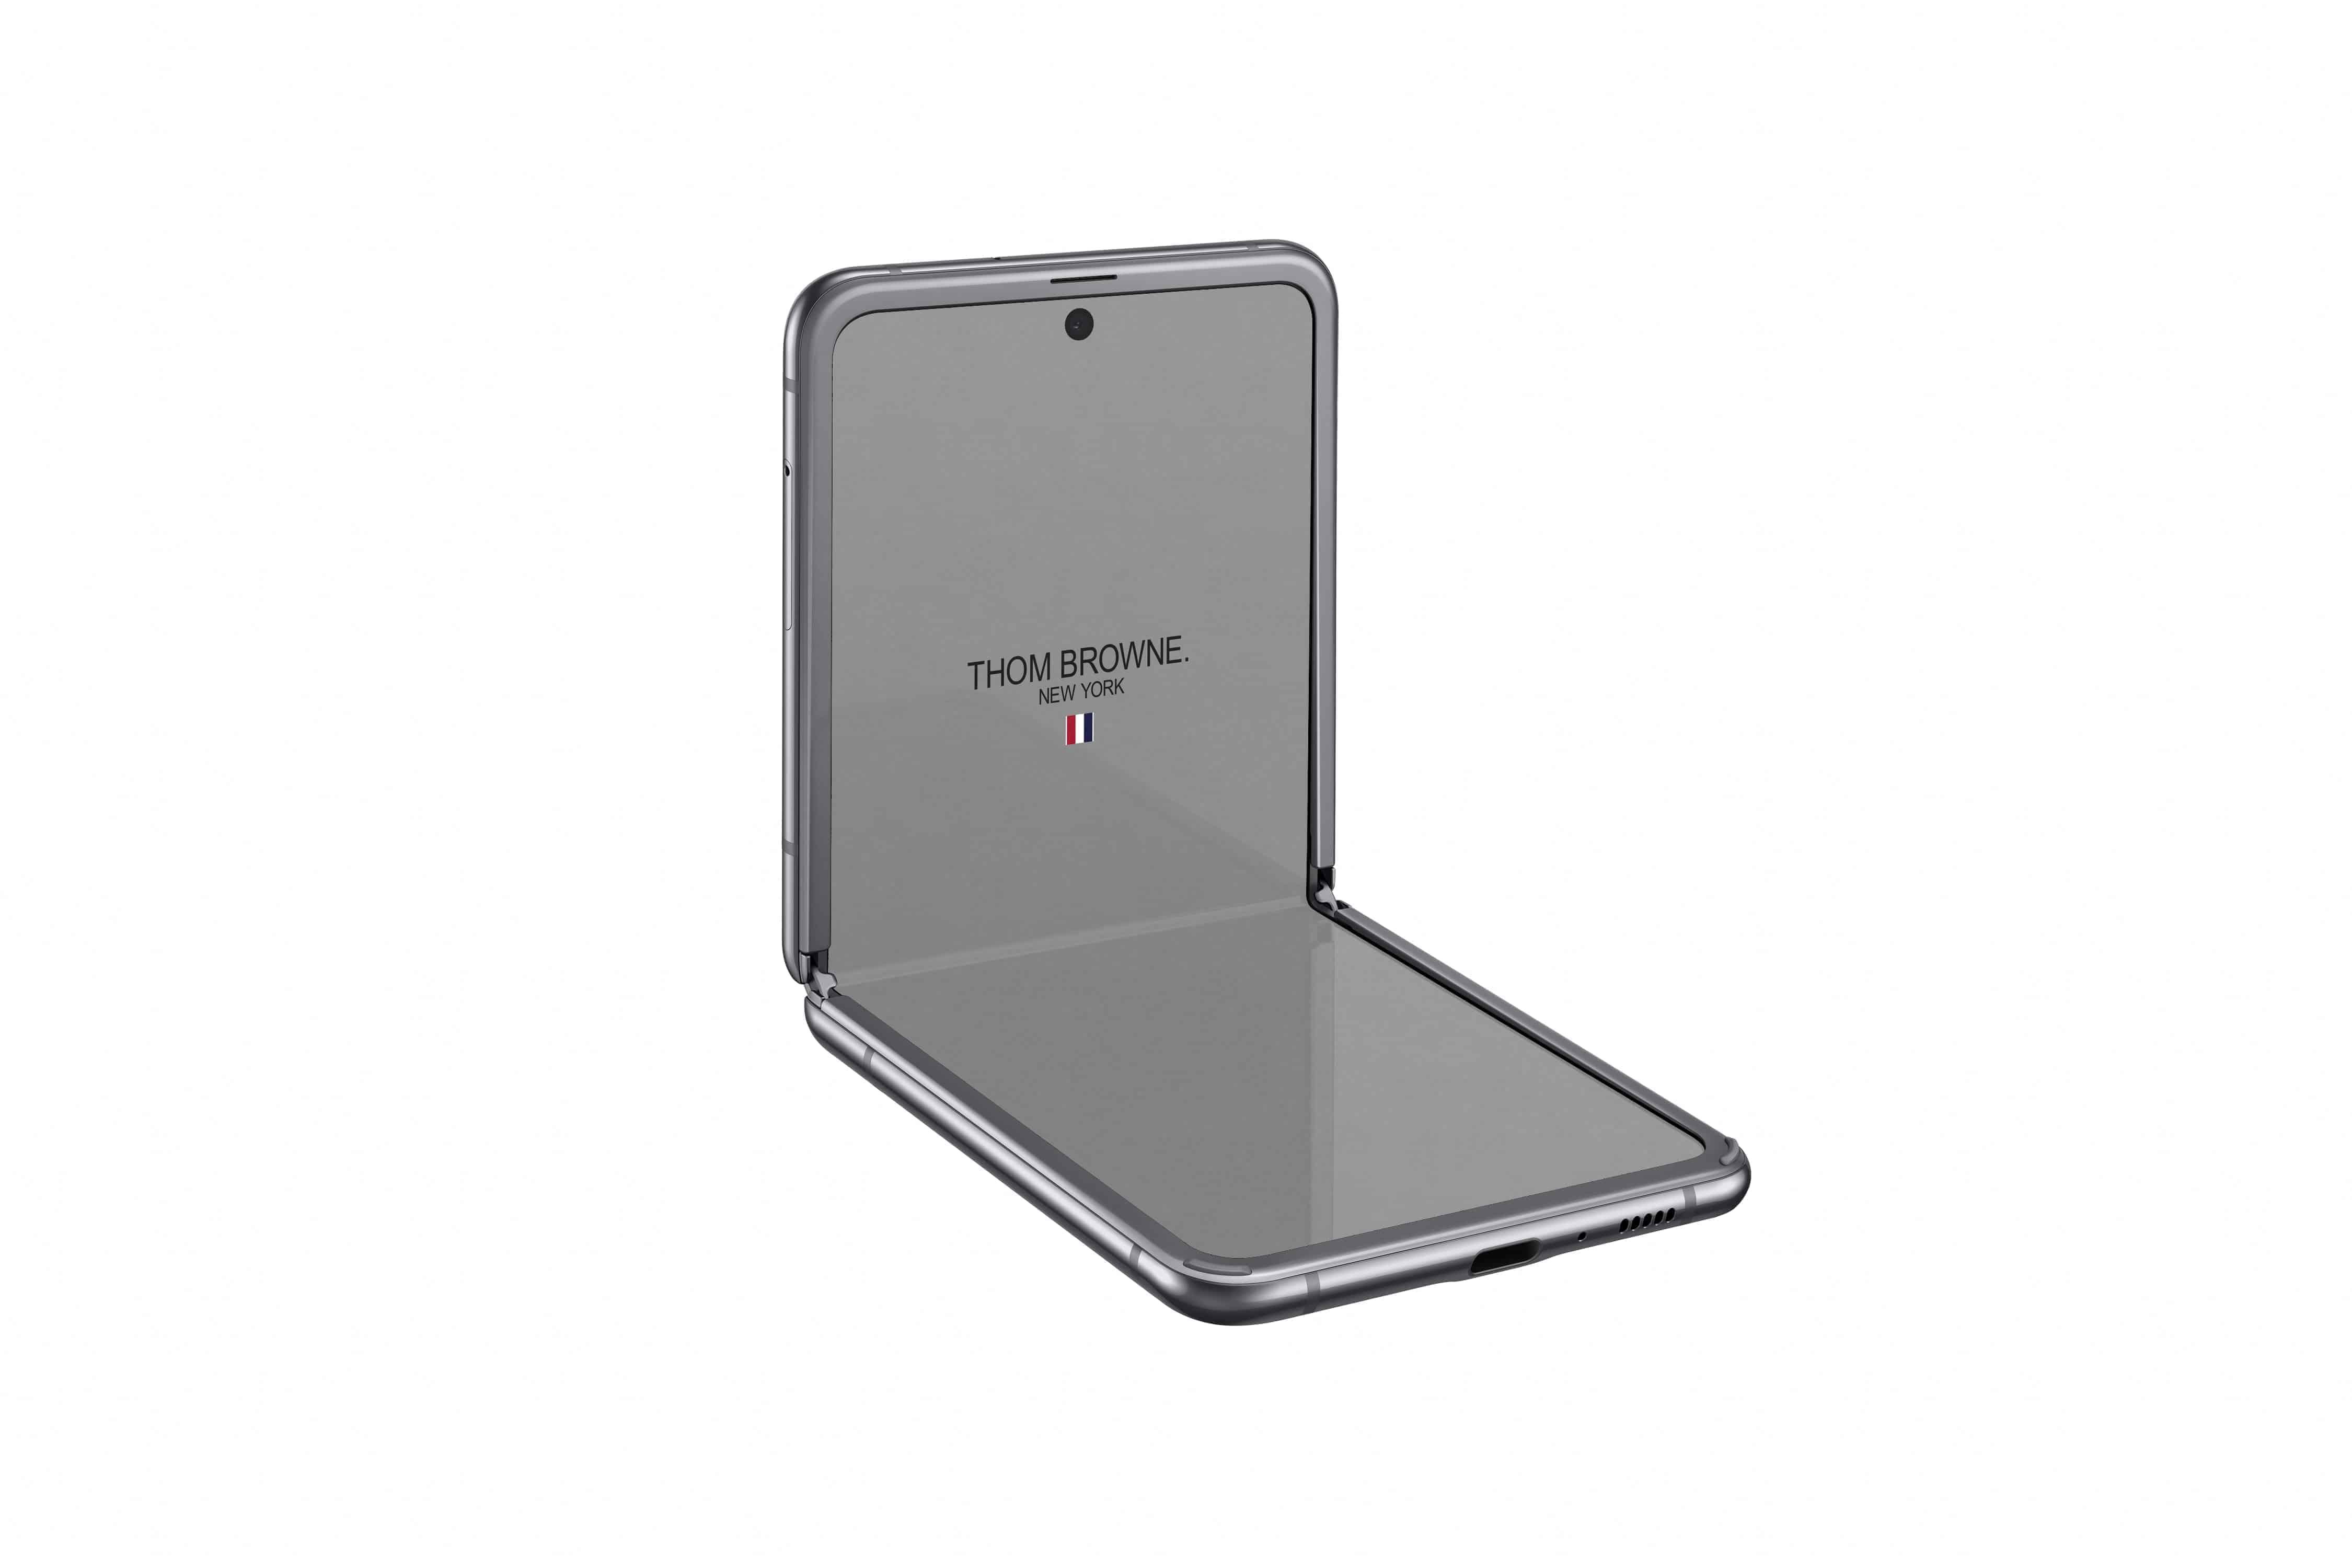 Galaxy Z Flip Thom Browne Edition image 6